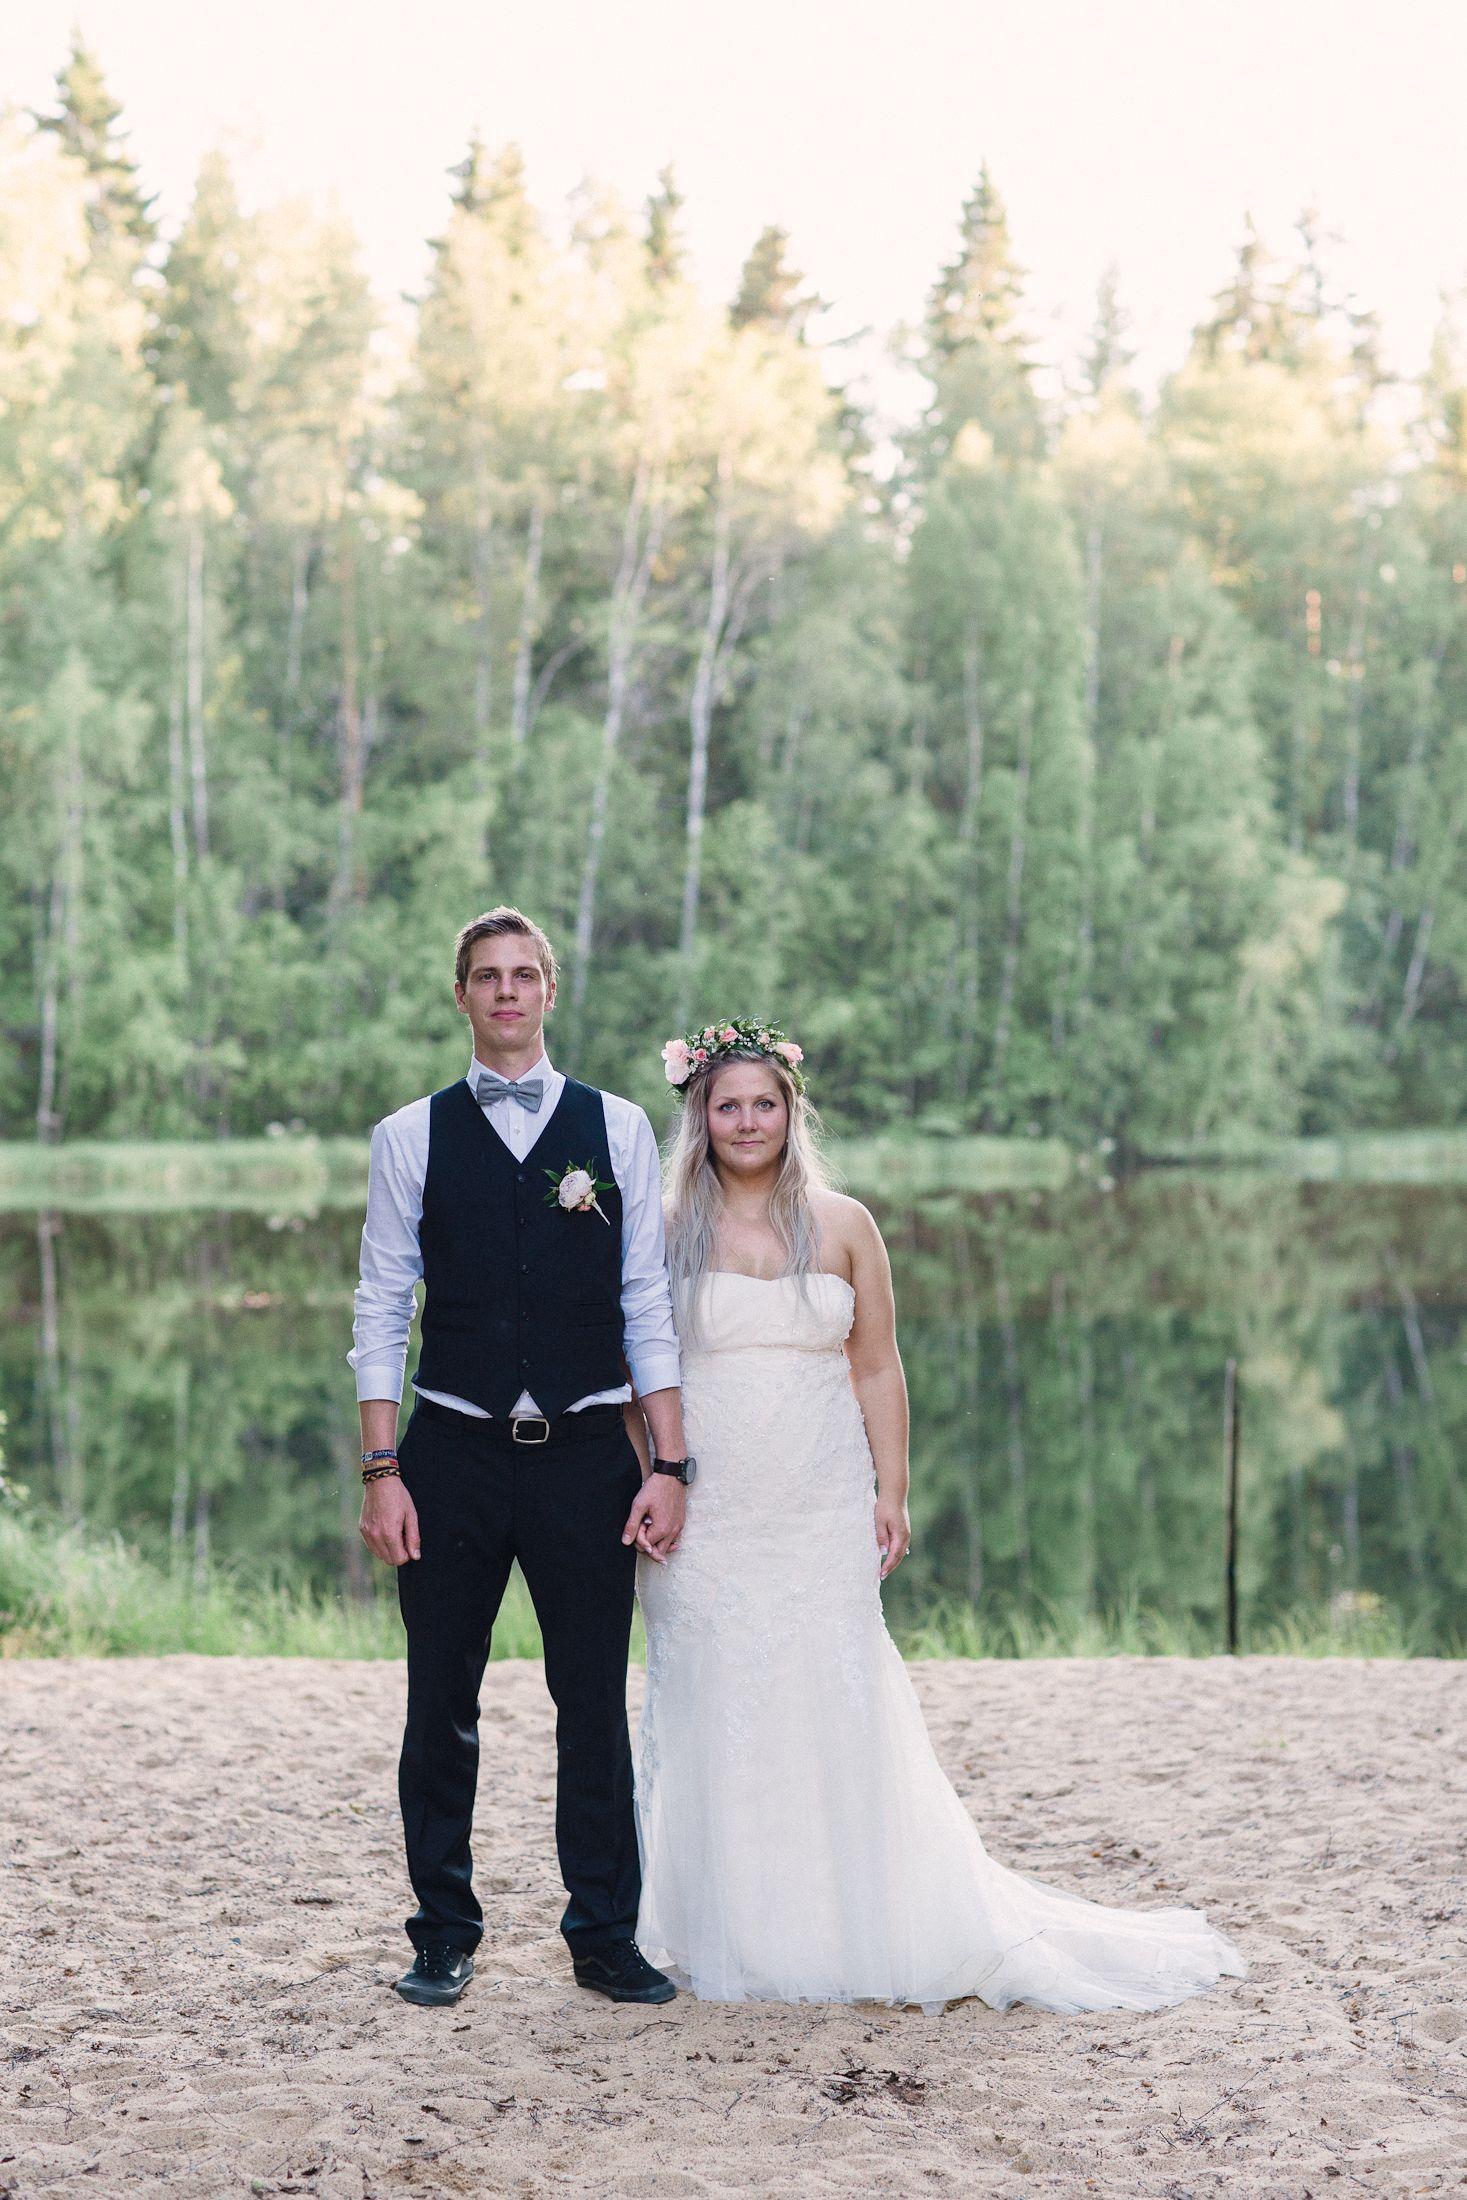 Nordic Wedding couple   I   Petra Veikkola Photography    www.petraveikkola.com  #hääkuvajaa #weddingphotographer #hääkuva #seinäjoki #hääkuvaajatampere #kuvaajahelsinki